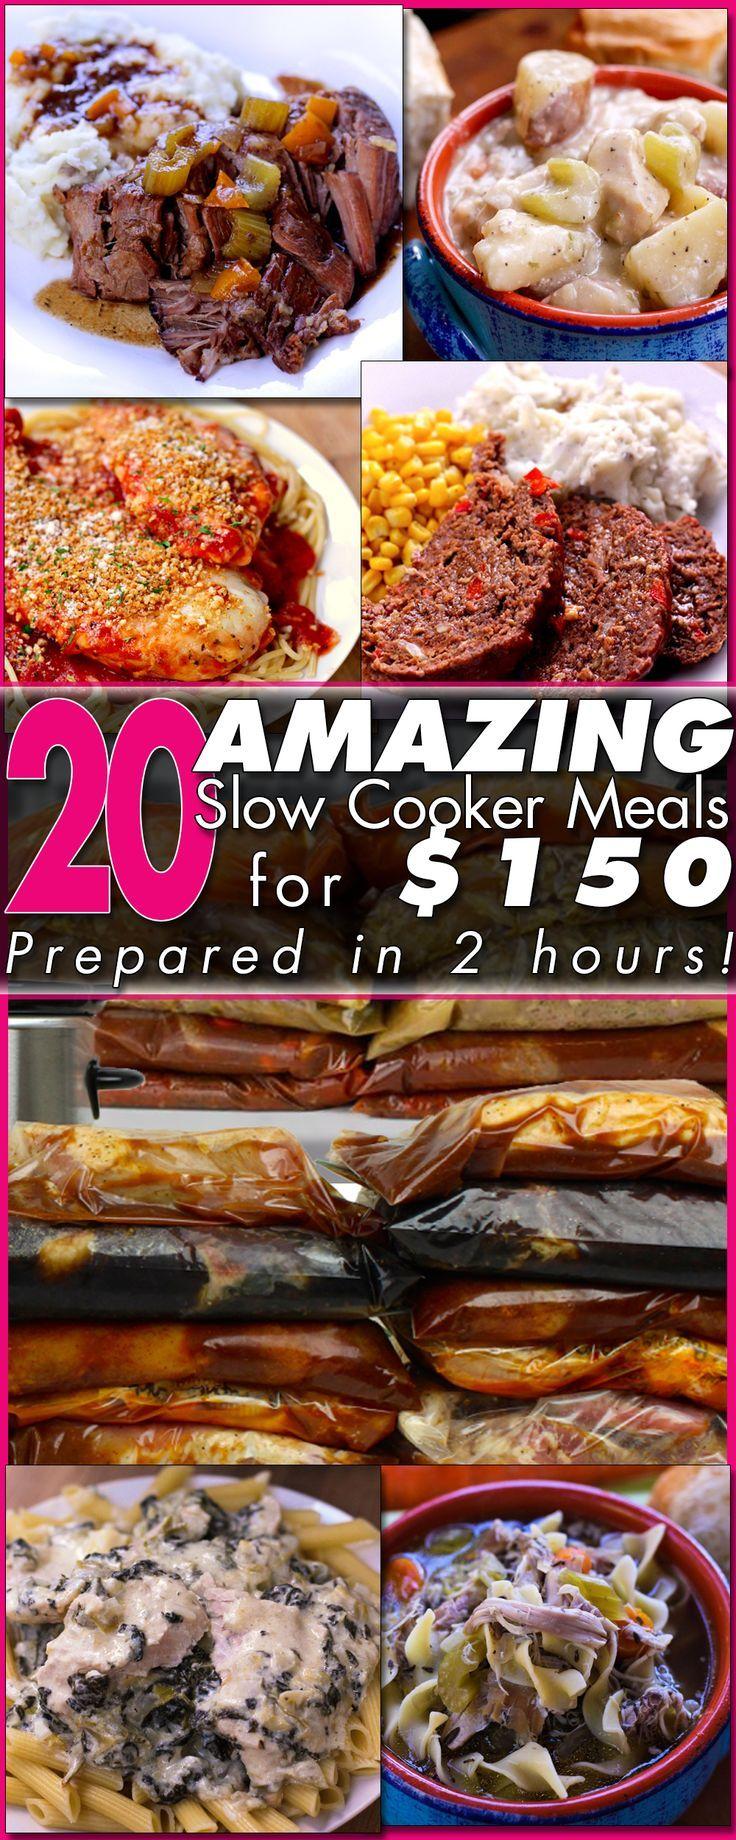 Aldi Dump Mahlzeit Plan Slow Cooker Comfort Food Edition Aldi Dump Meal Plan Slow Cooker Comfort Food Edition        Hör auf, dich beim Abendessen zu stressen! Für 150 USD und ungefähr 2 Stunden können Sie 20 KÖSTLICHE Gefriermahlzeiten zubereiten und loslegen!